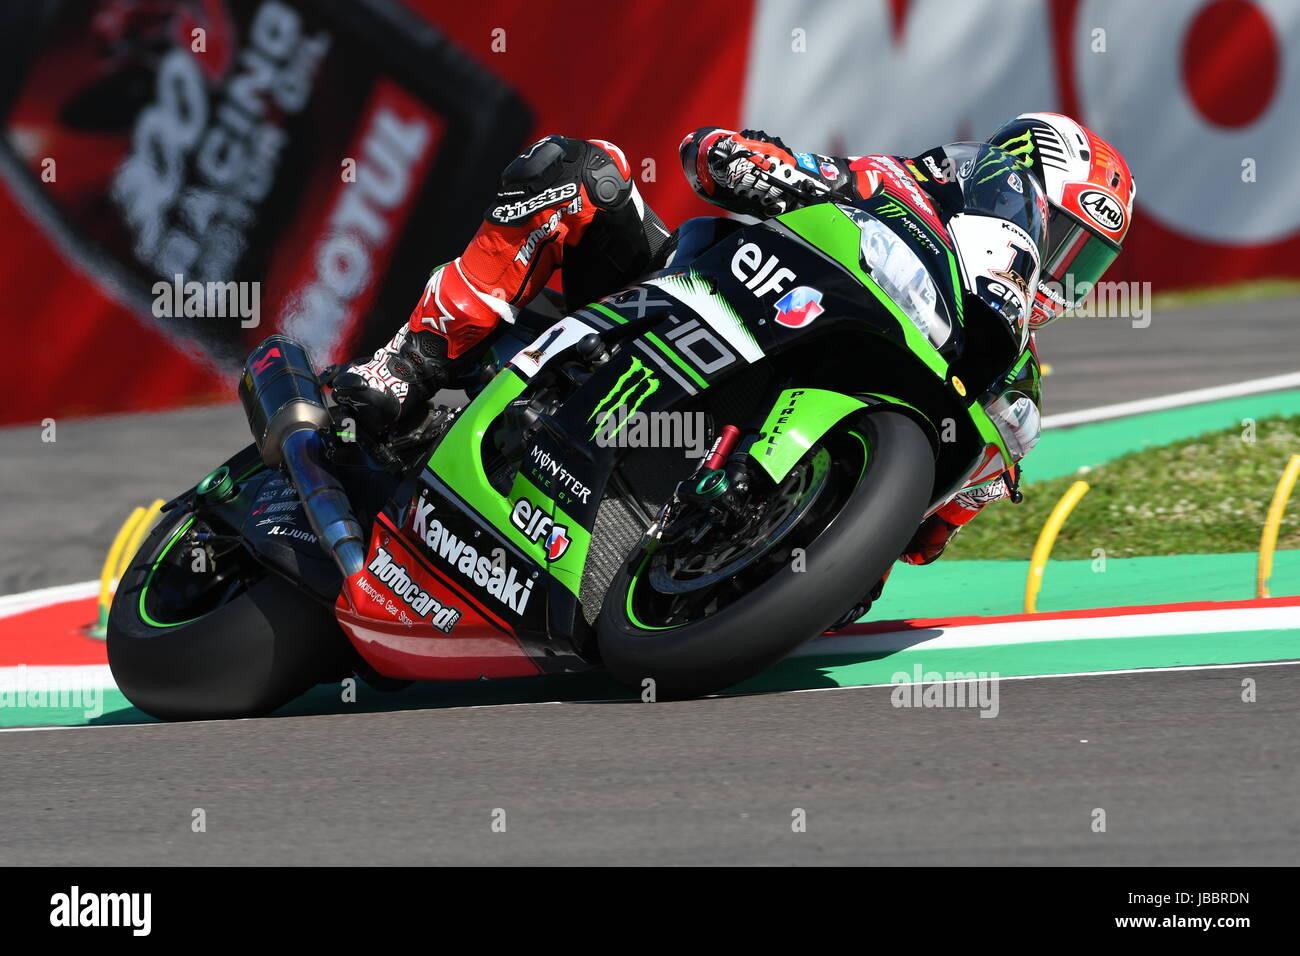 San Marino, Italy - May 12: Jonathan Rea of Great Britain Kawasaki Racing Team rides during qualifyng session at - Stock Image